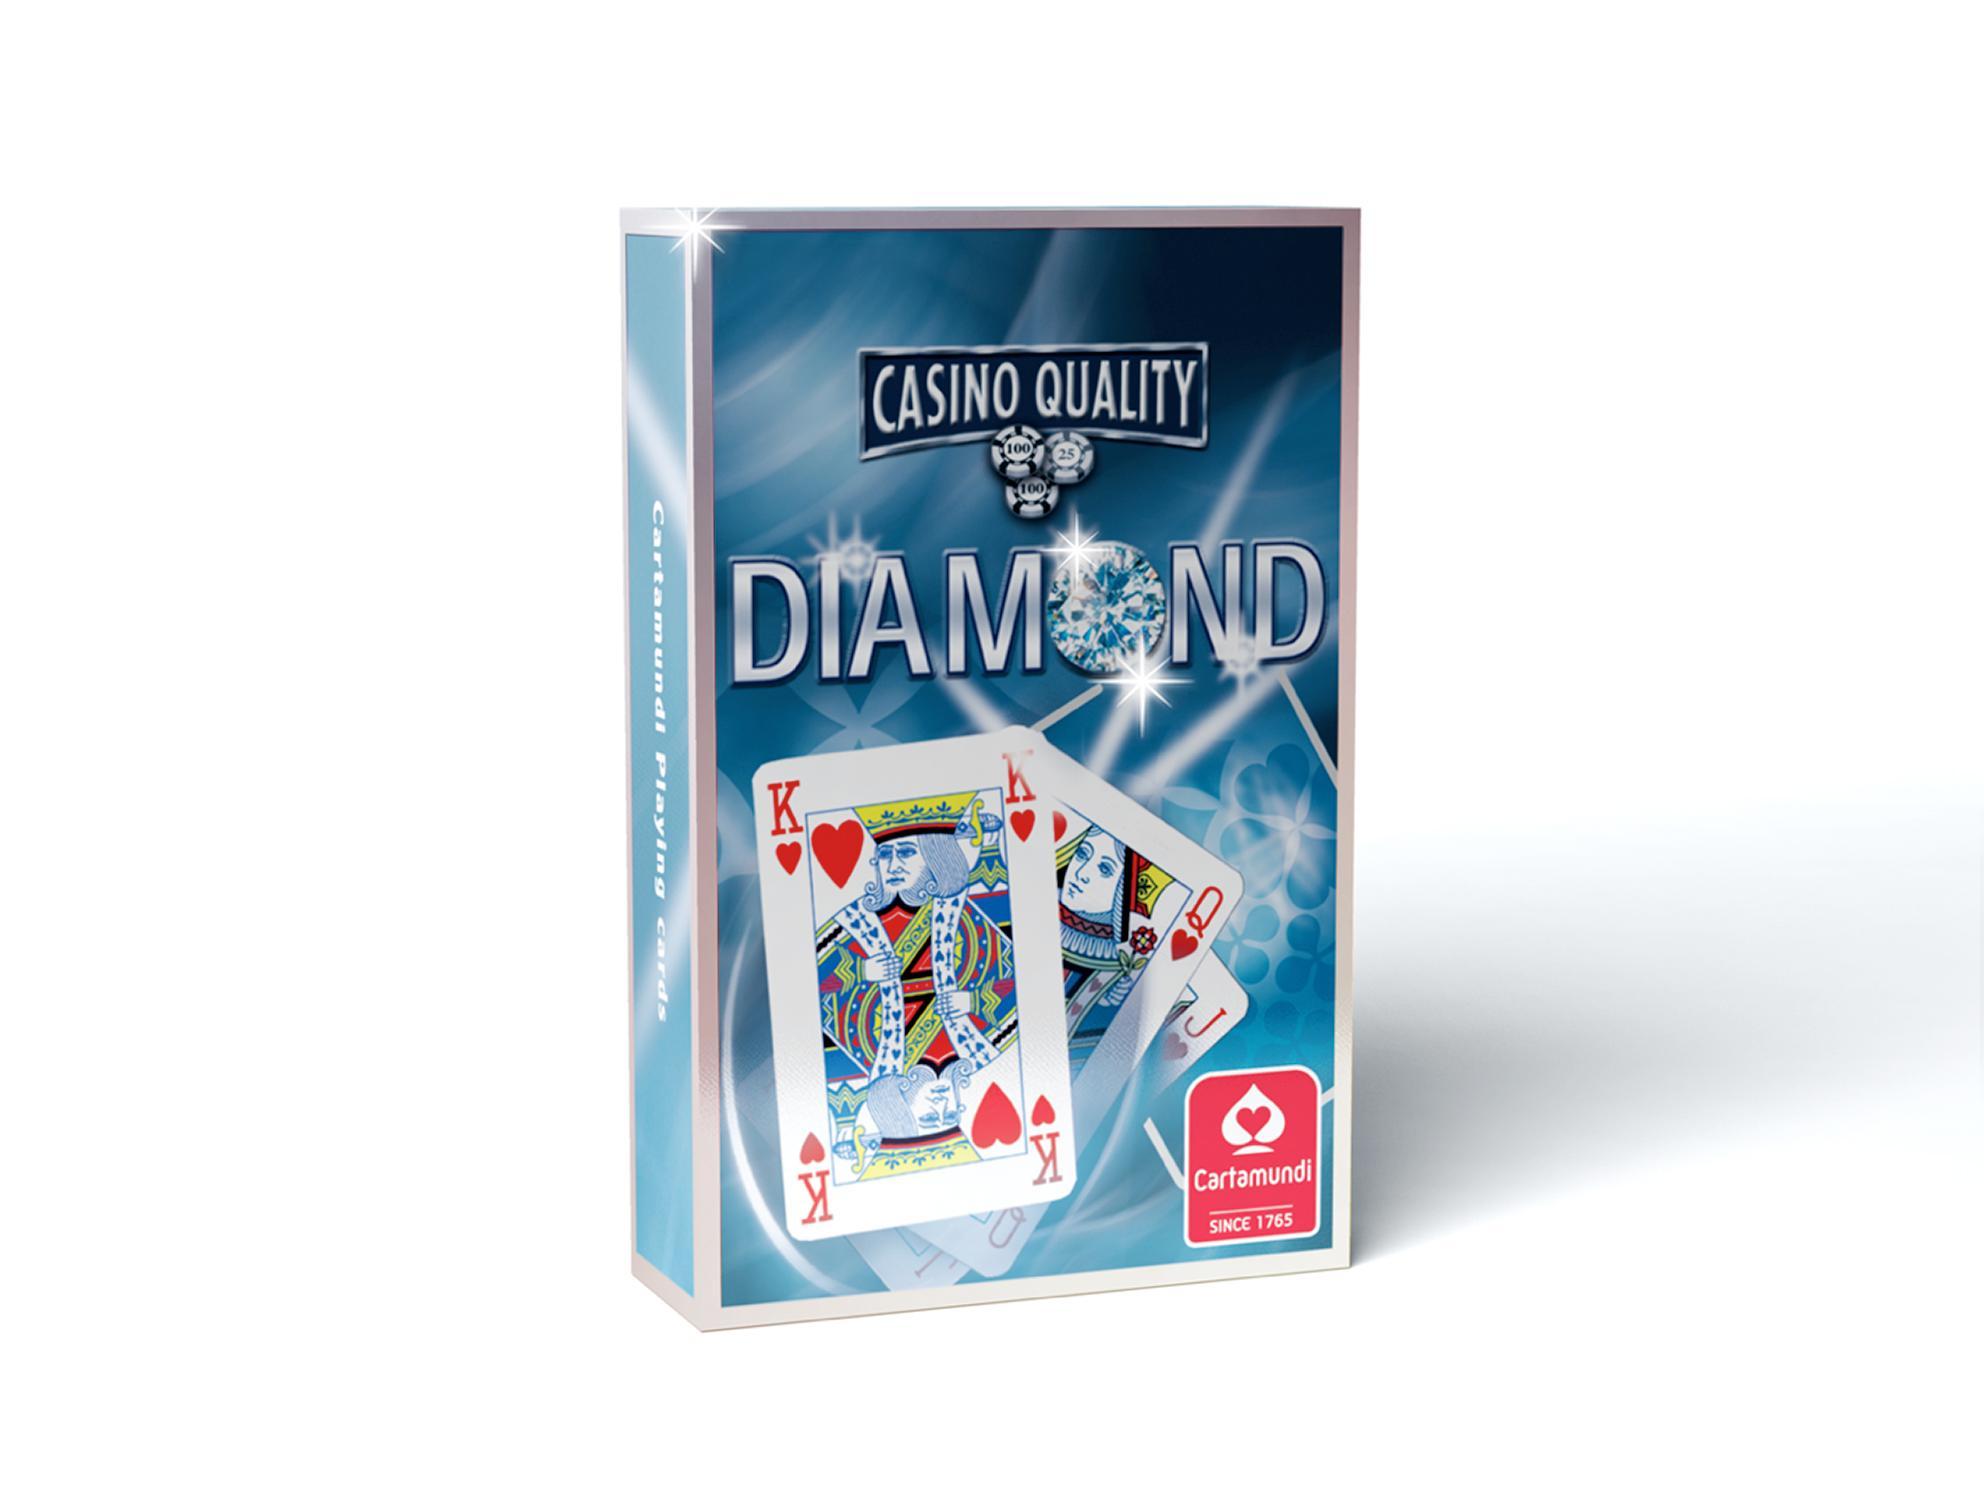 DIAMOND SZIMPLA BRIDGE KÁRTYA, KÉK HÁTLAPPAL